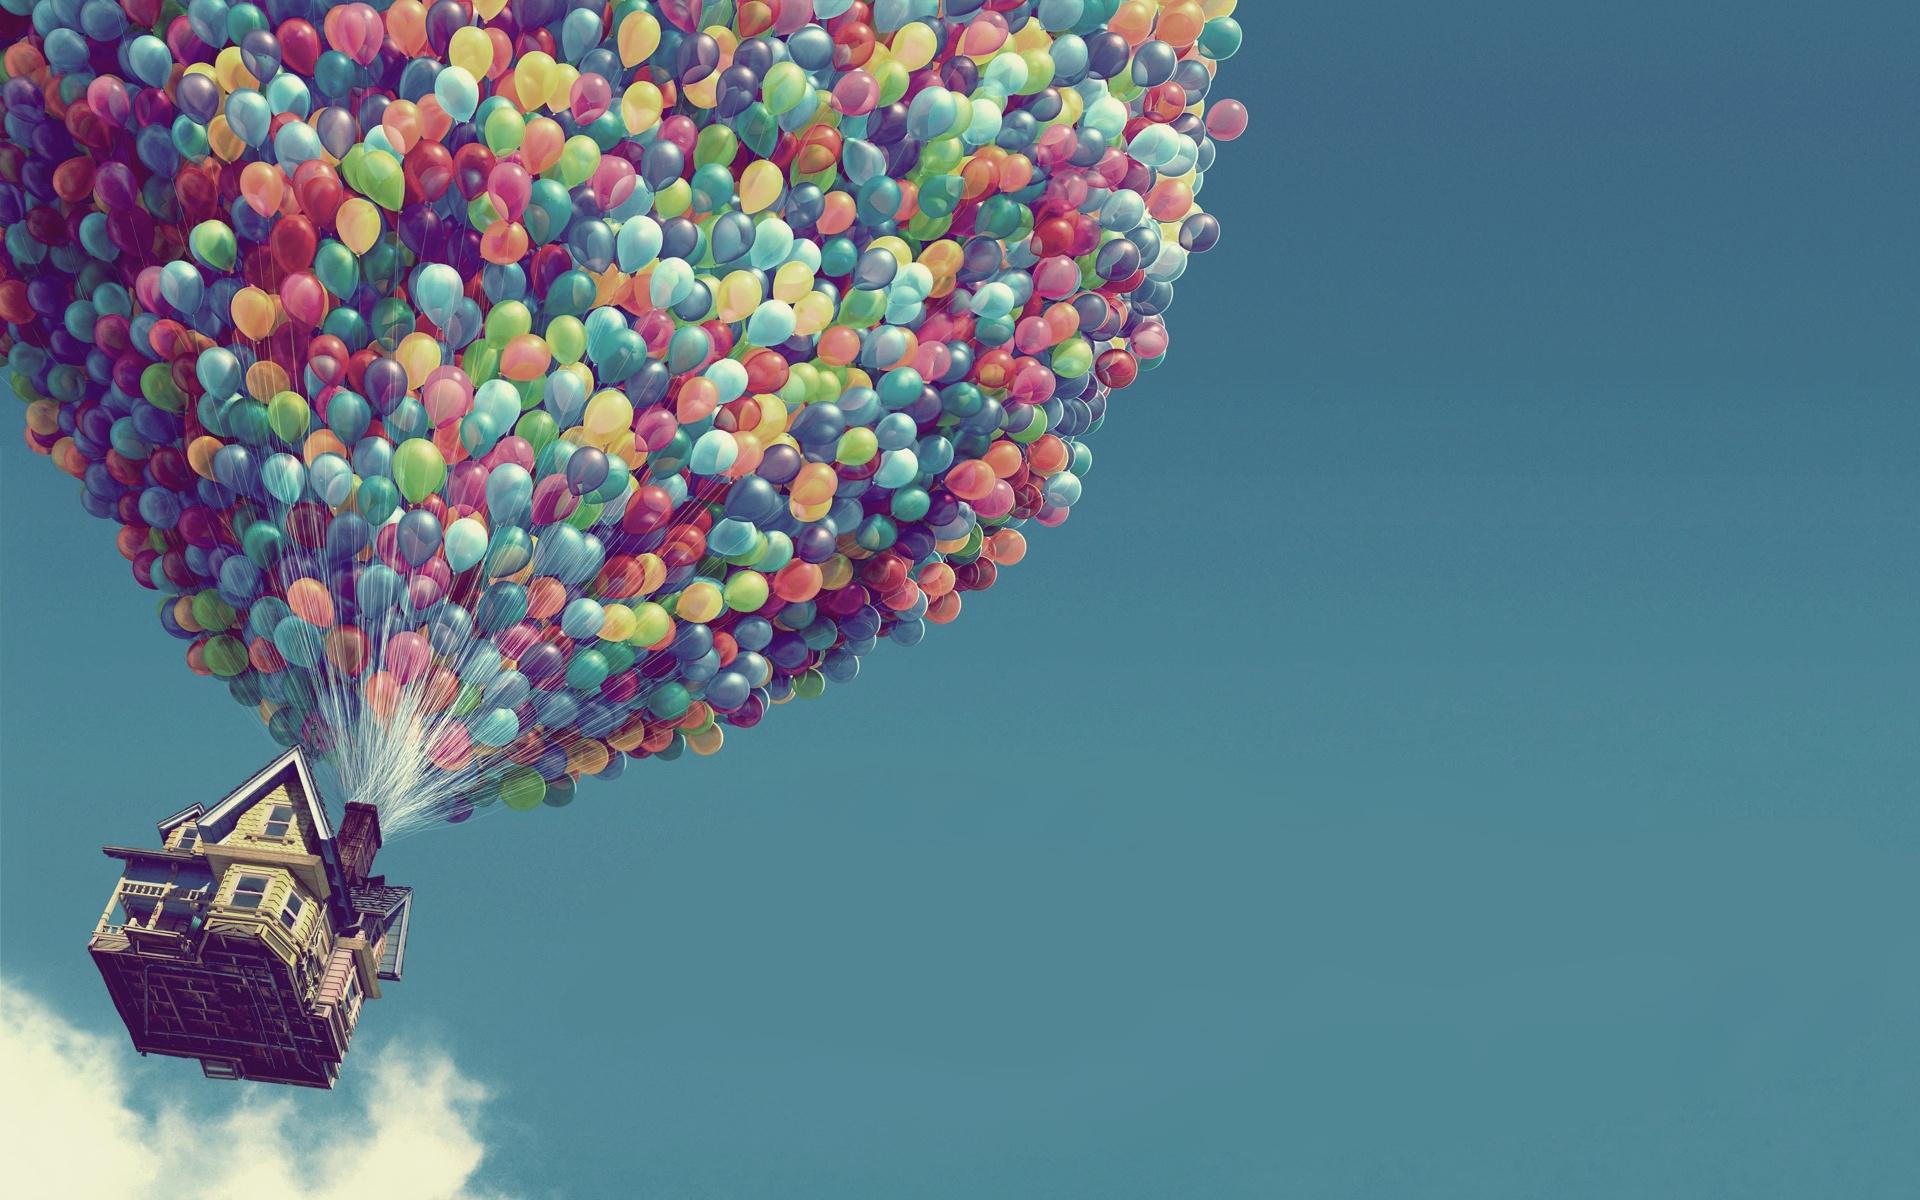 Η ζωή είναι απλή αρκεί να το θέλουμε.. Πόσο απλή; 20 βήματα μακριά..